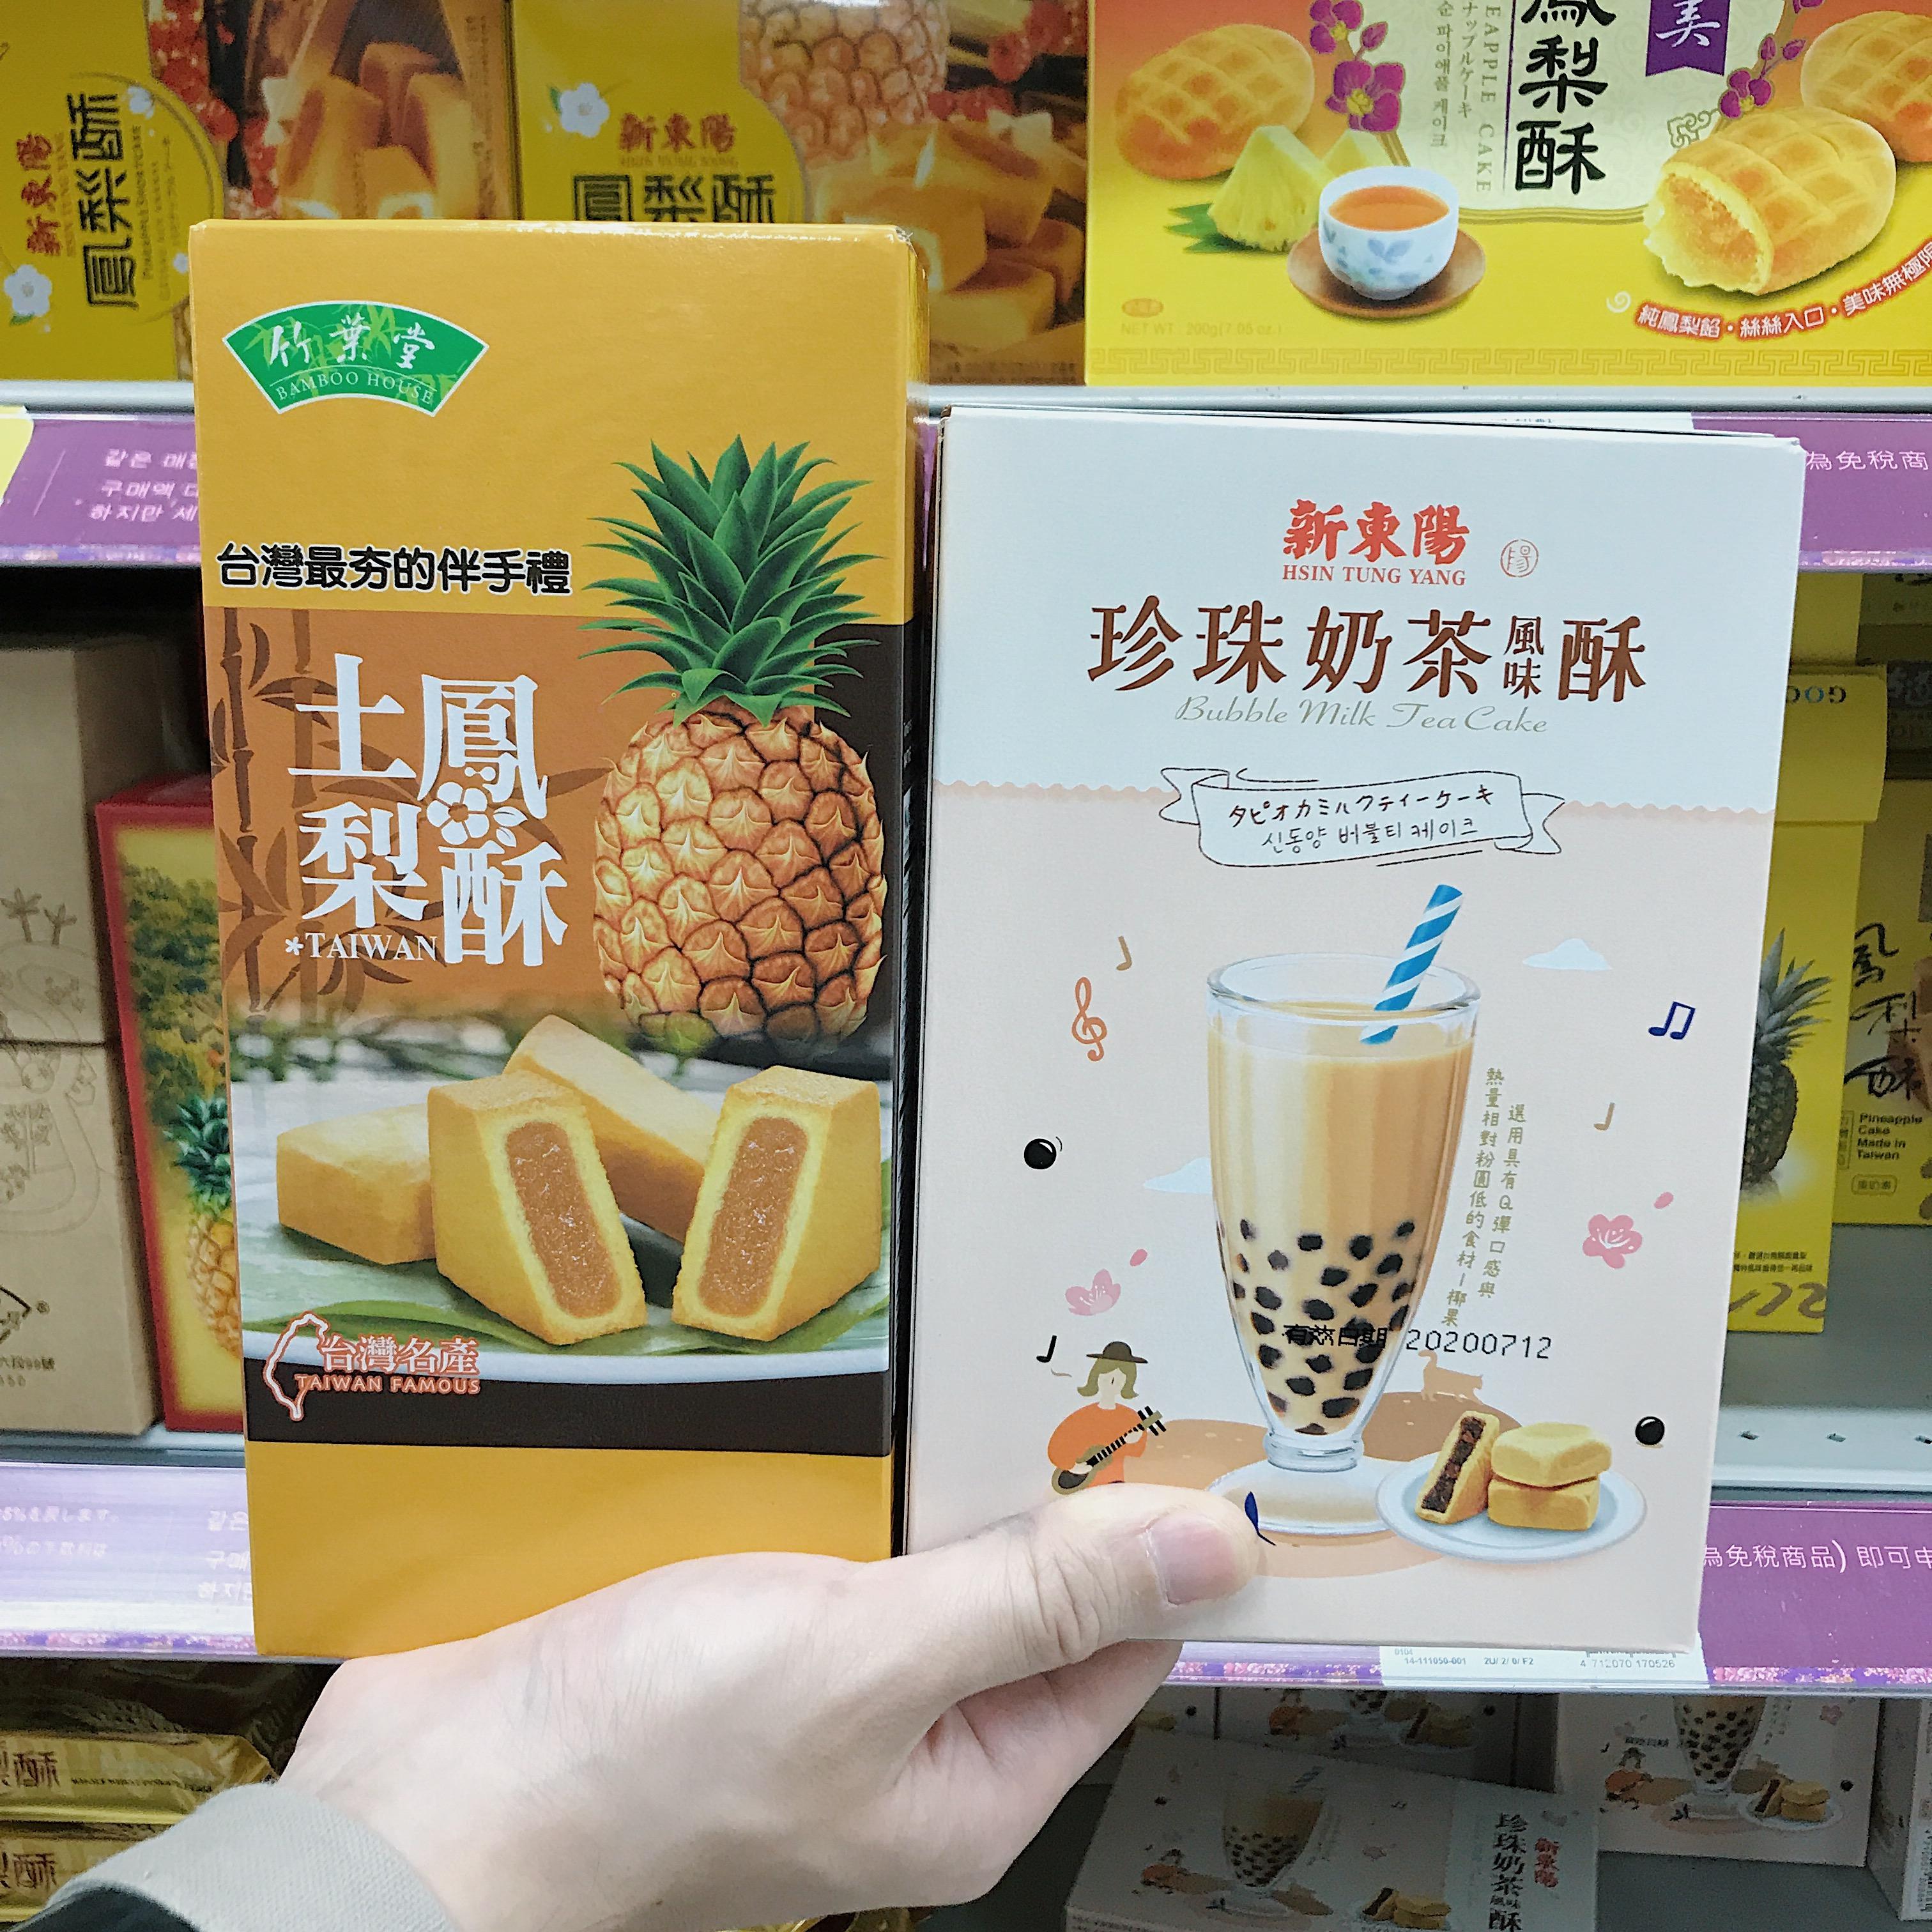 除了鳳梨酥外,這兩年珍奶爆紅,珍珠奶茶酥也很受歡迎!